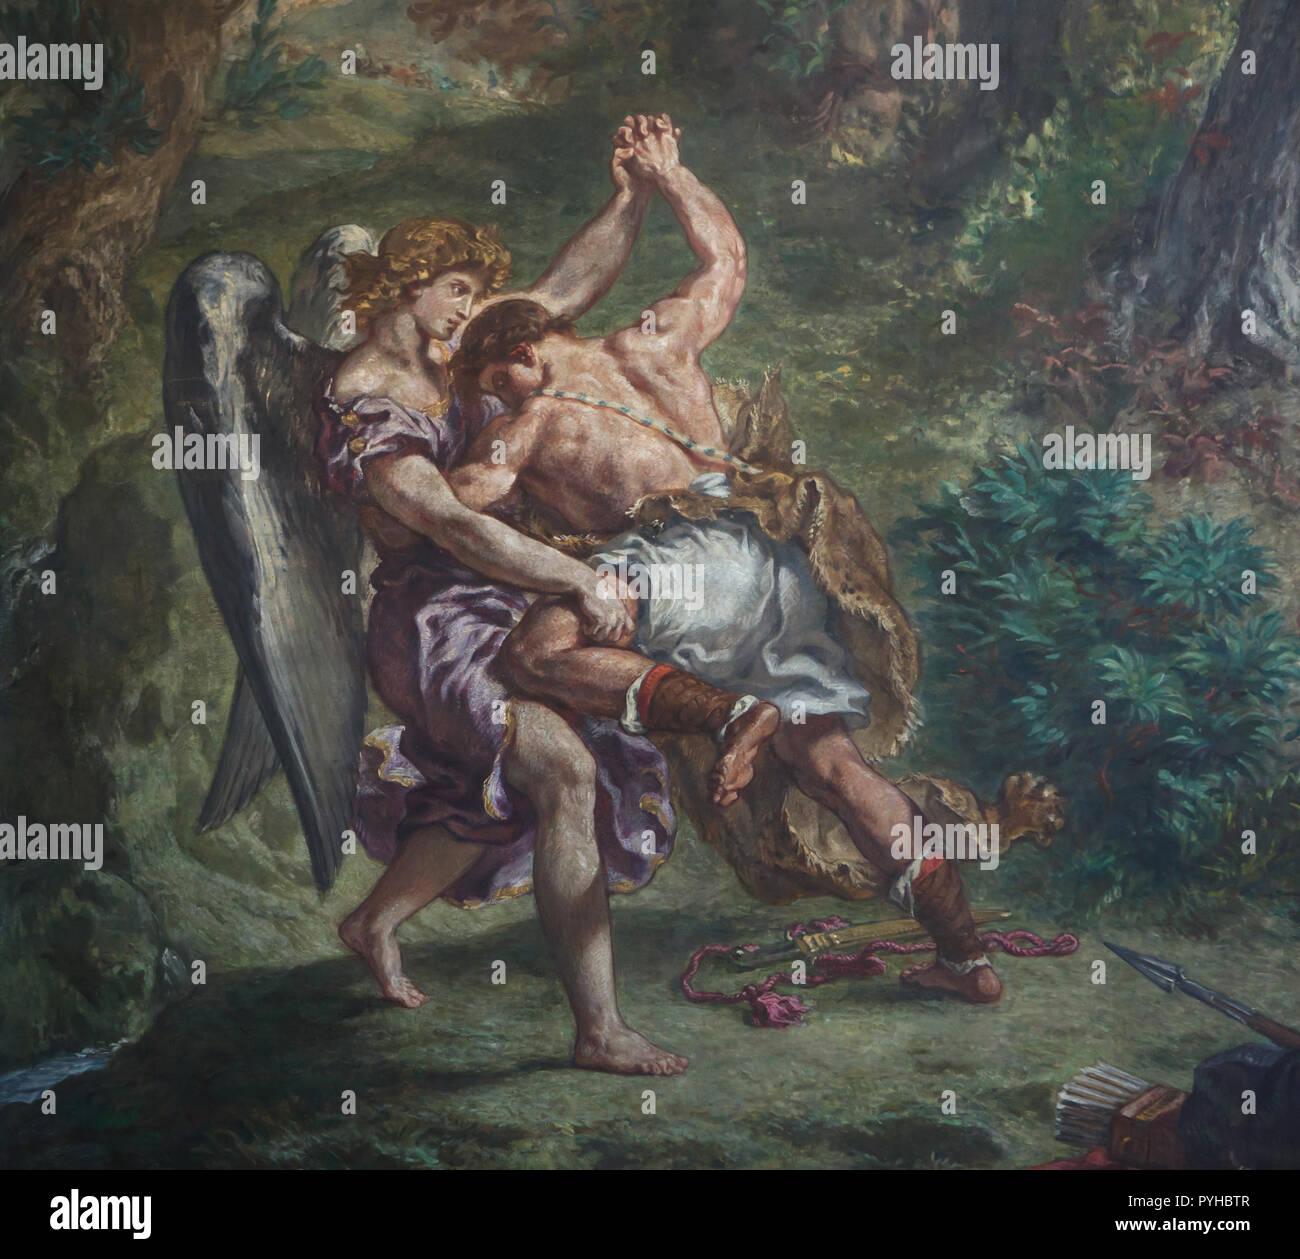 Jakobs Kampf mit dem Engel. Wandmalerei von Französischen romantischen Maler Eugène Delacroix (1855 - 1861) in der Kapelle der Heiligen Engel in der Kirche von Saint-Sulpice (Église Saint-Sulpice) in Paris, Frankreich. Stockbild